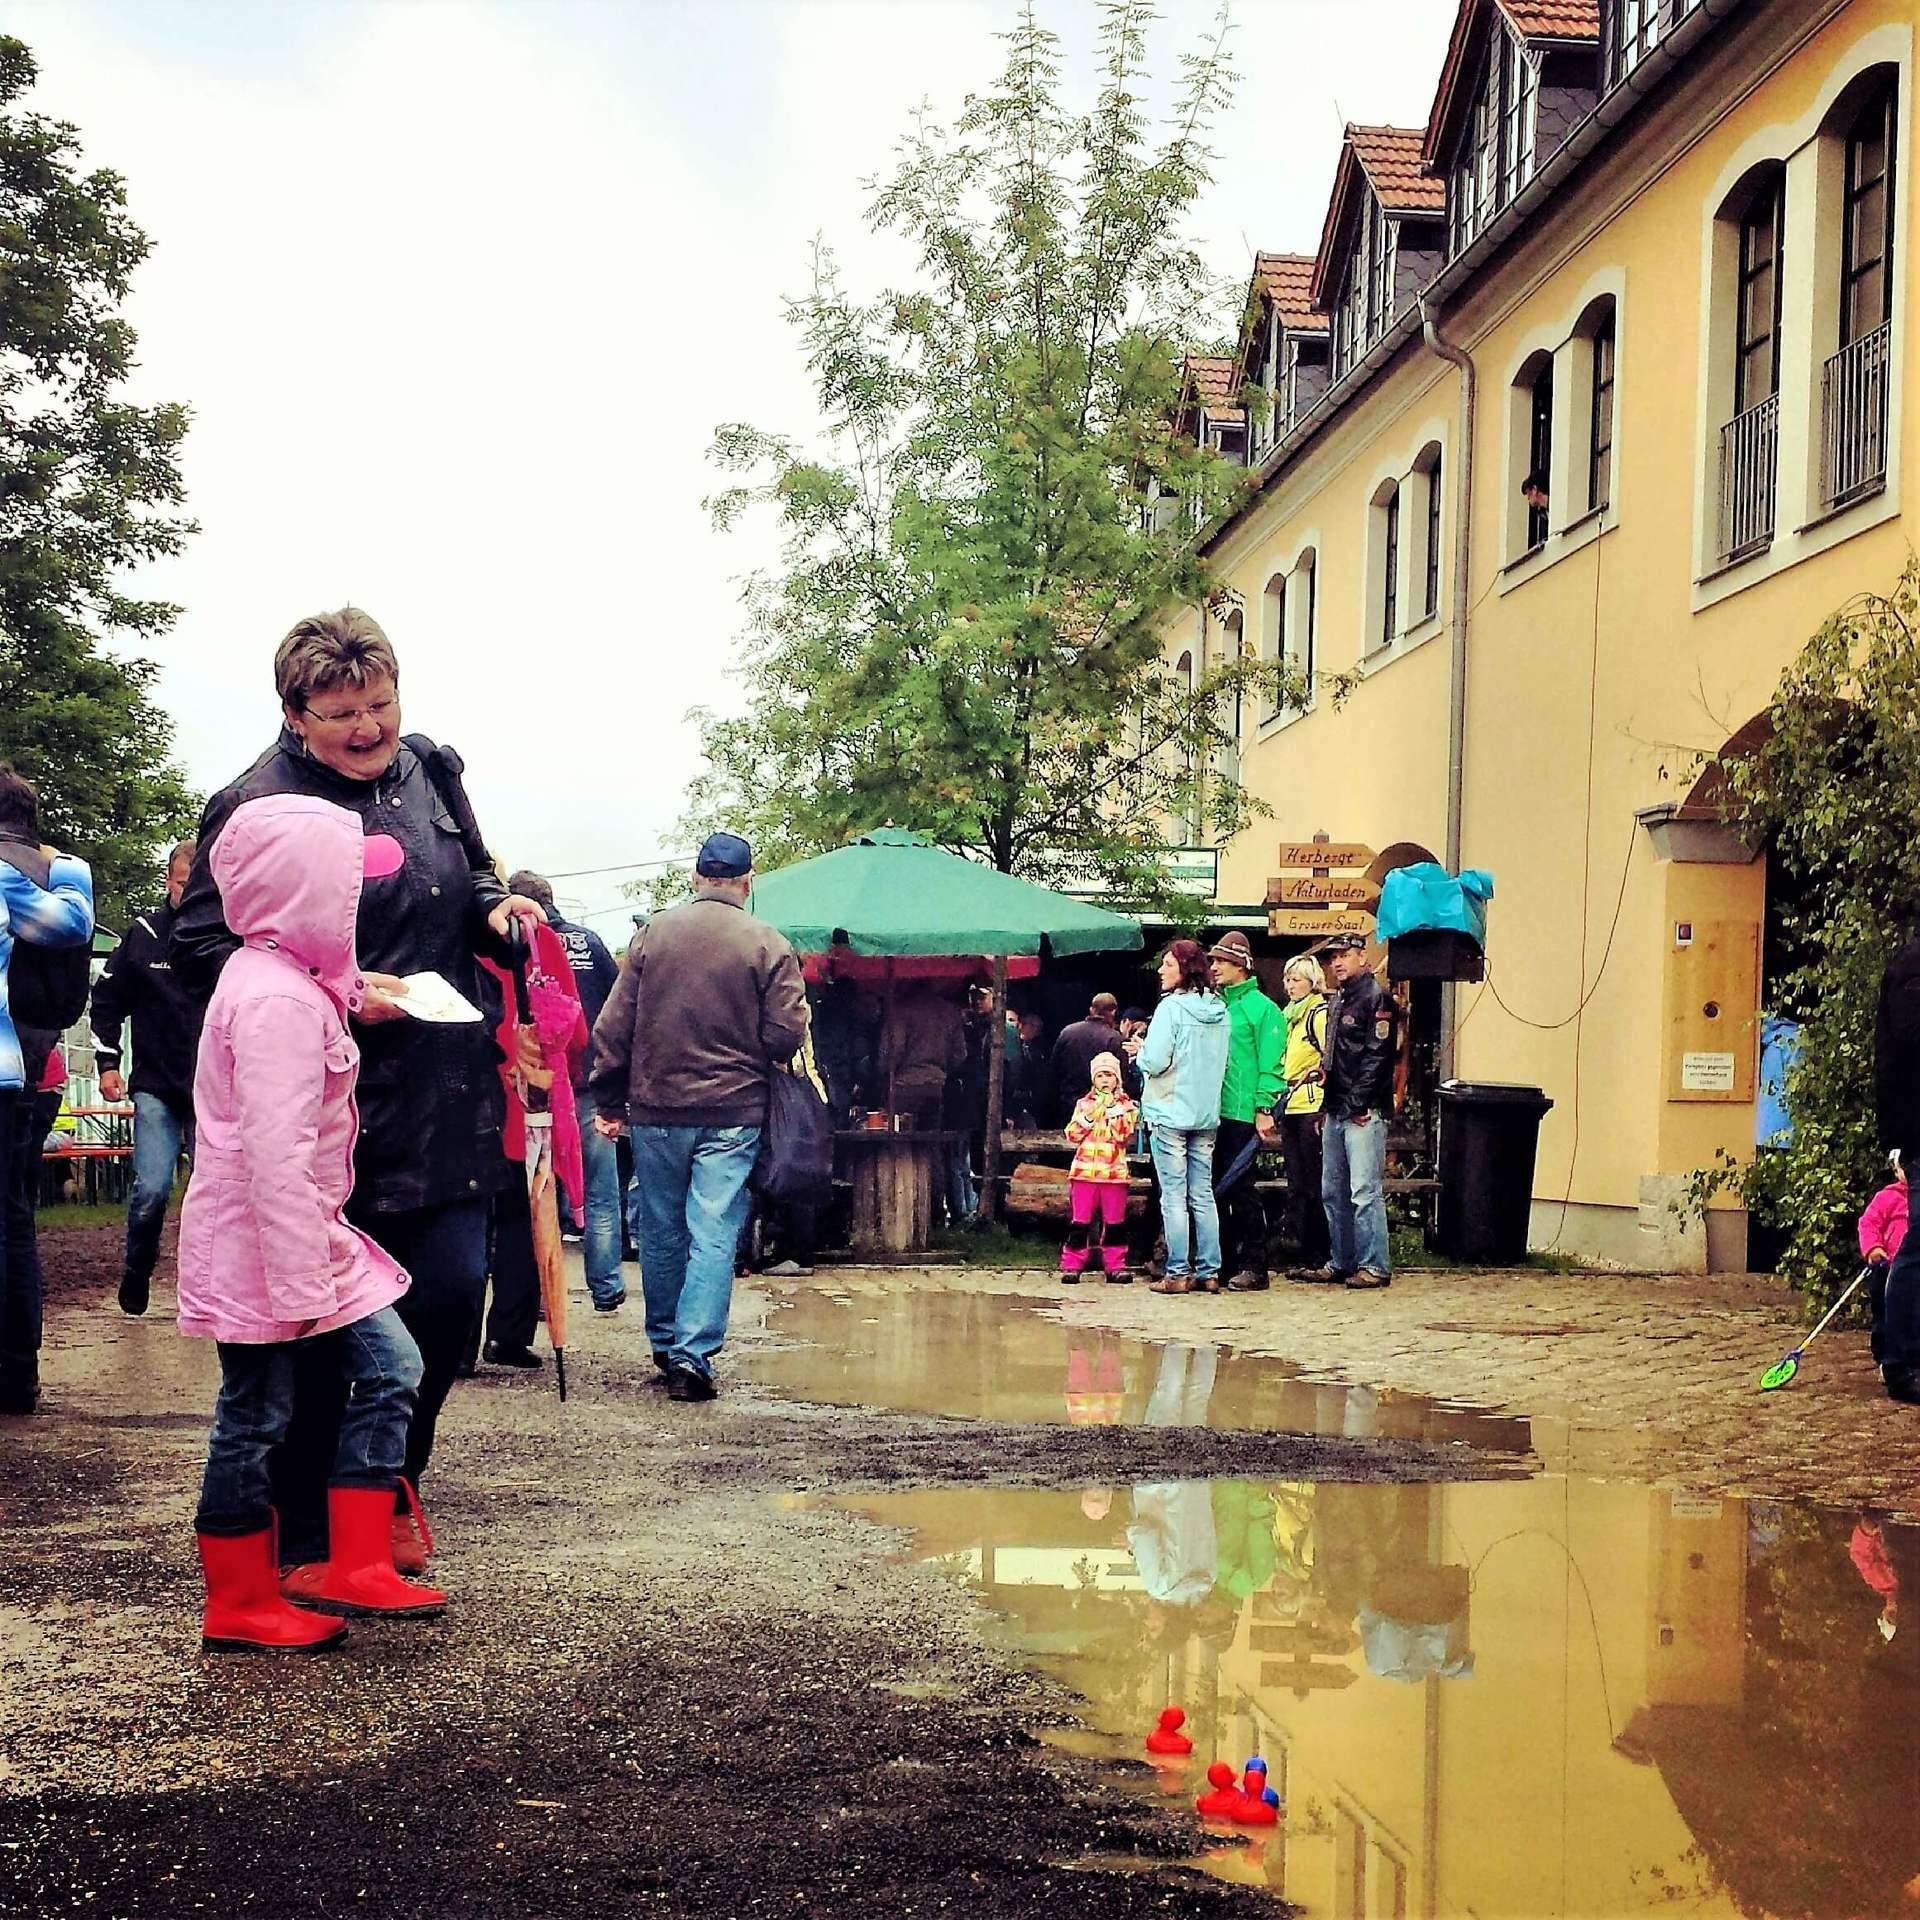 Rittergut Adlershof zu Oberlauterbach - Gutshoffest 2013 © Jens Reiher